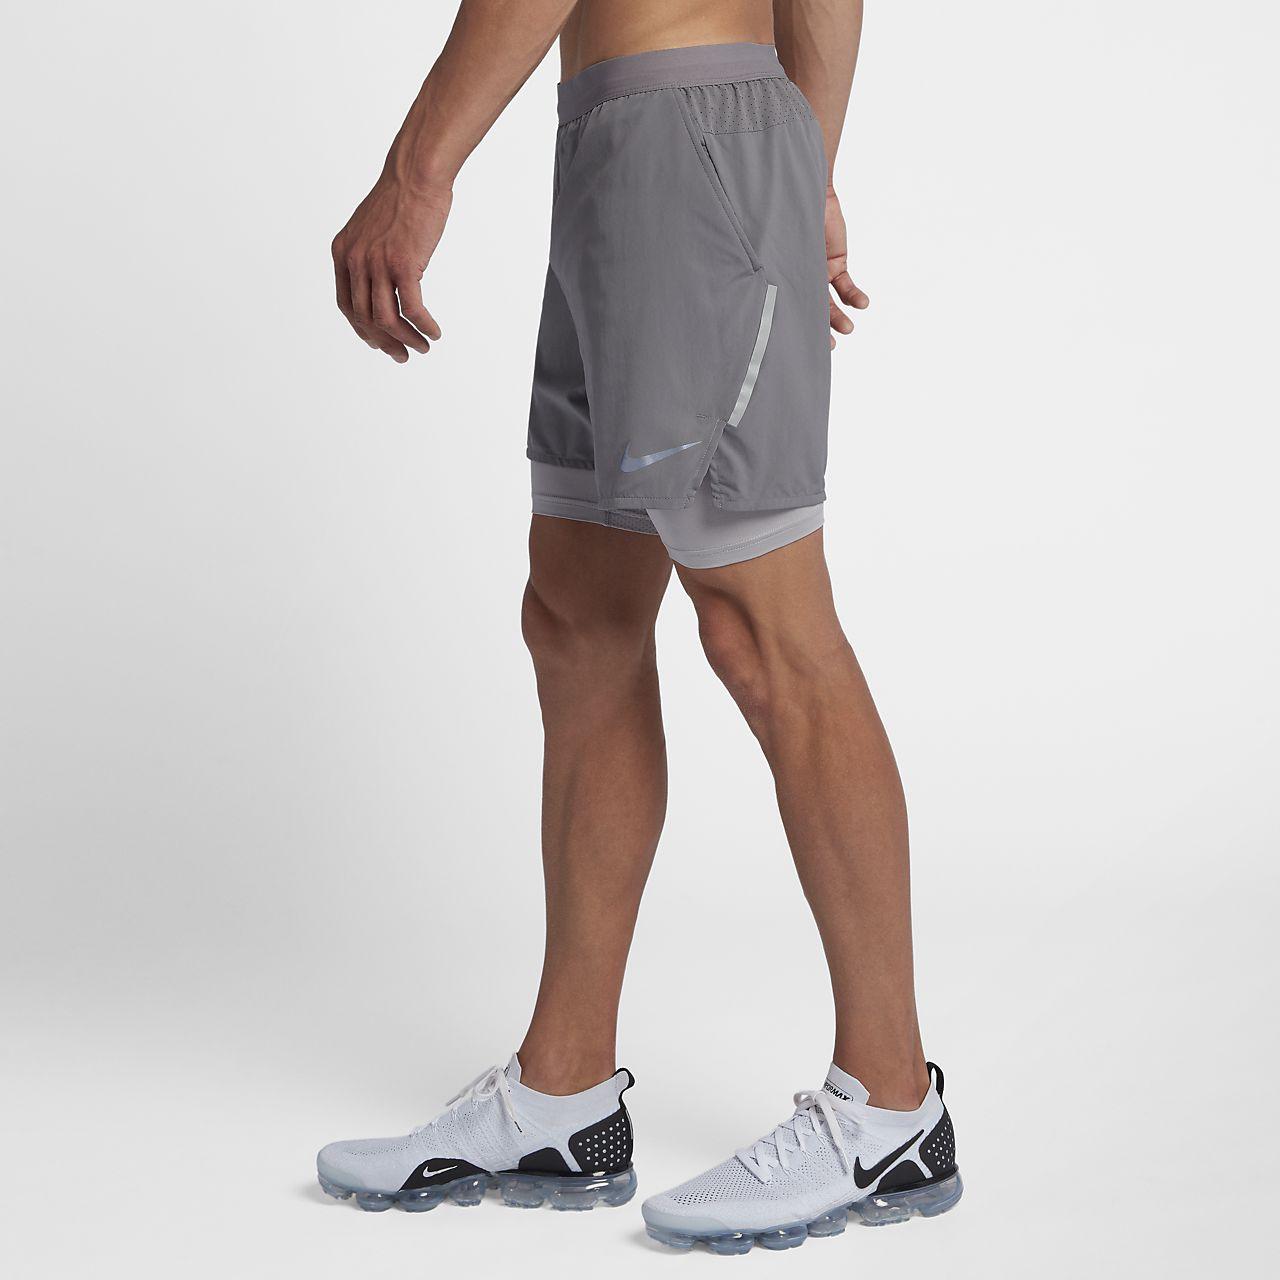 798e8ec481c Nike Flex Stride 2-in-1 Men s 5